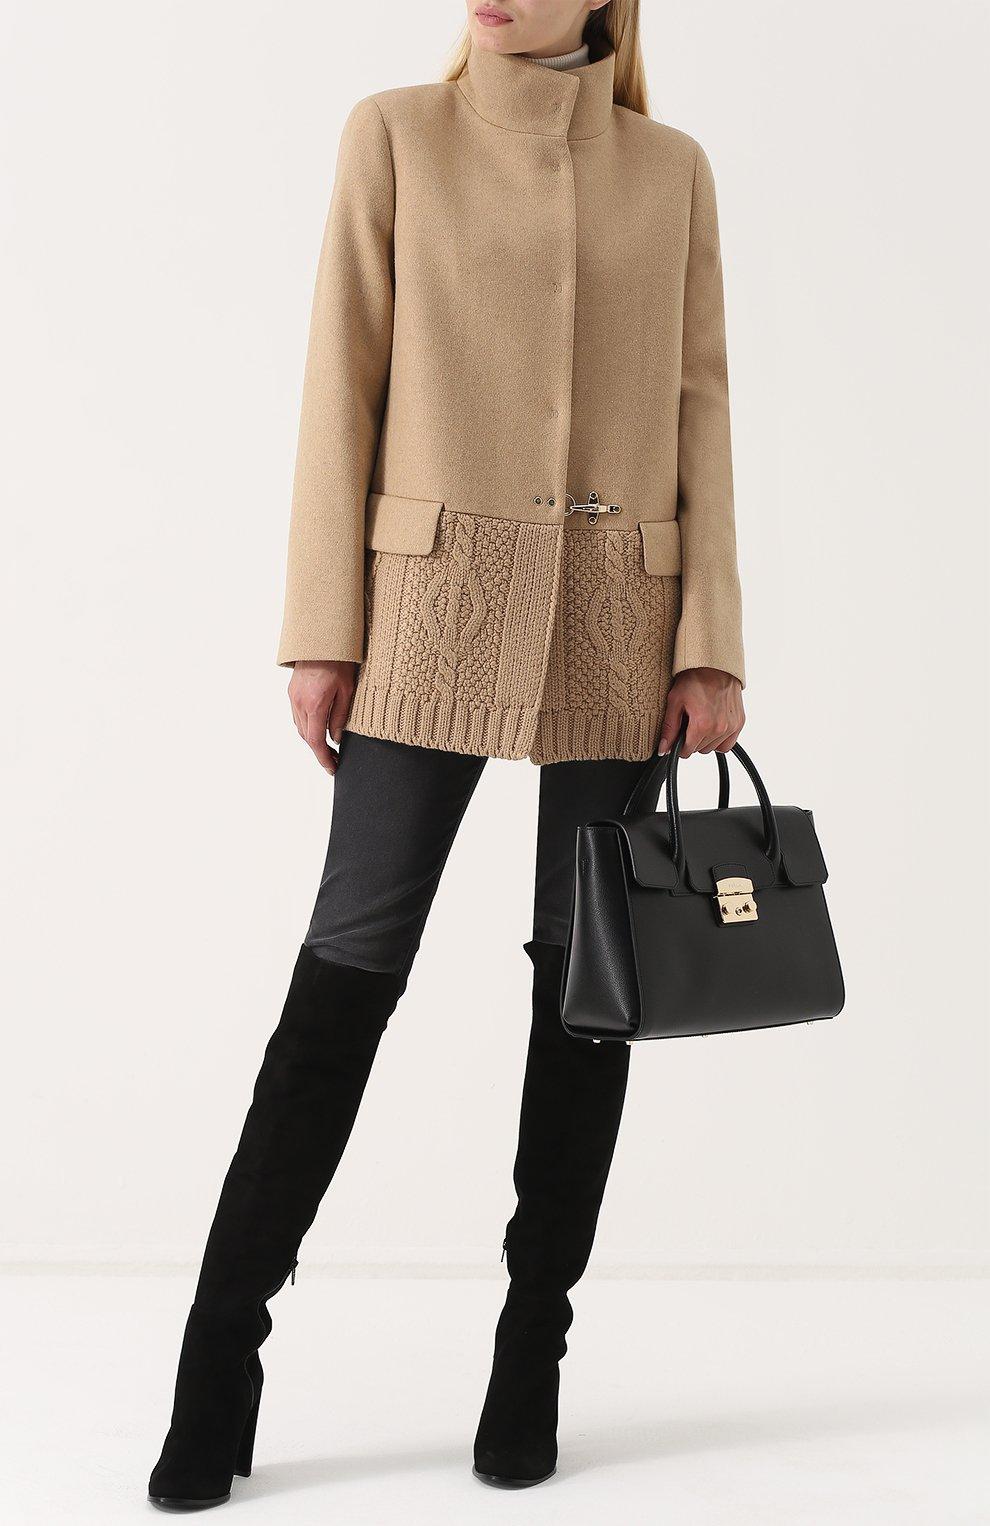 Женская сумка-тоут metropolis FURLA черного цвета — купить за 33500 ... 44550b680e3